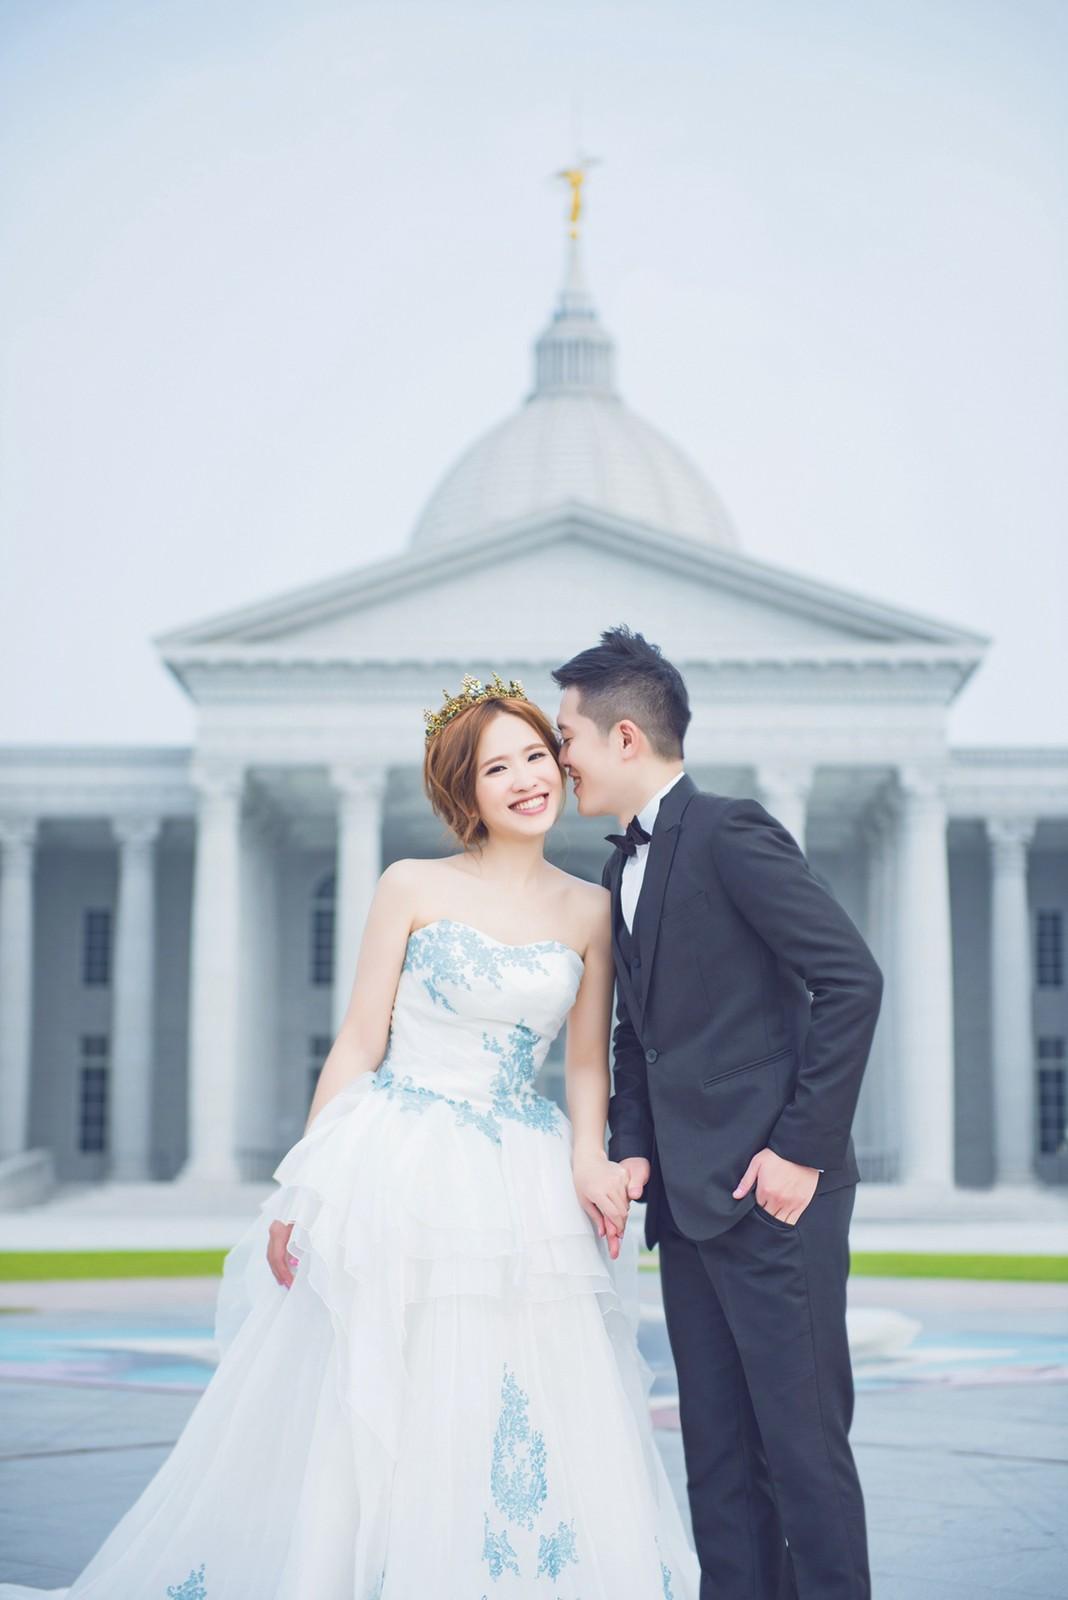 自助婚紗,自主婚紗推薦,台南 自助婚紗,tn02